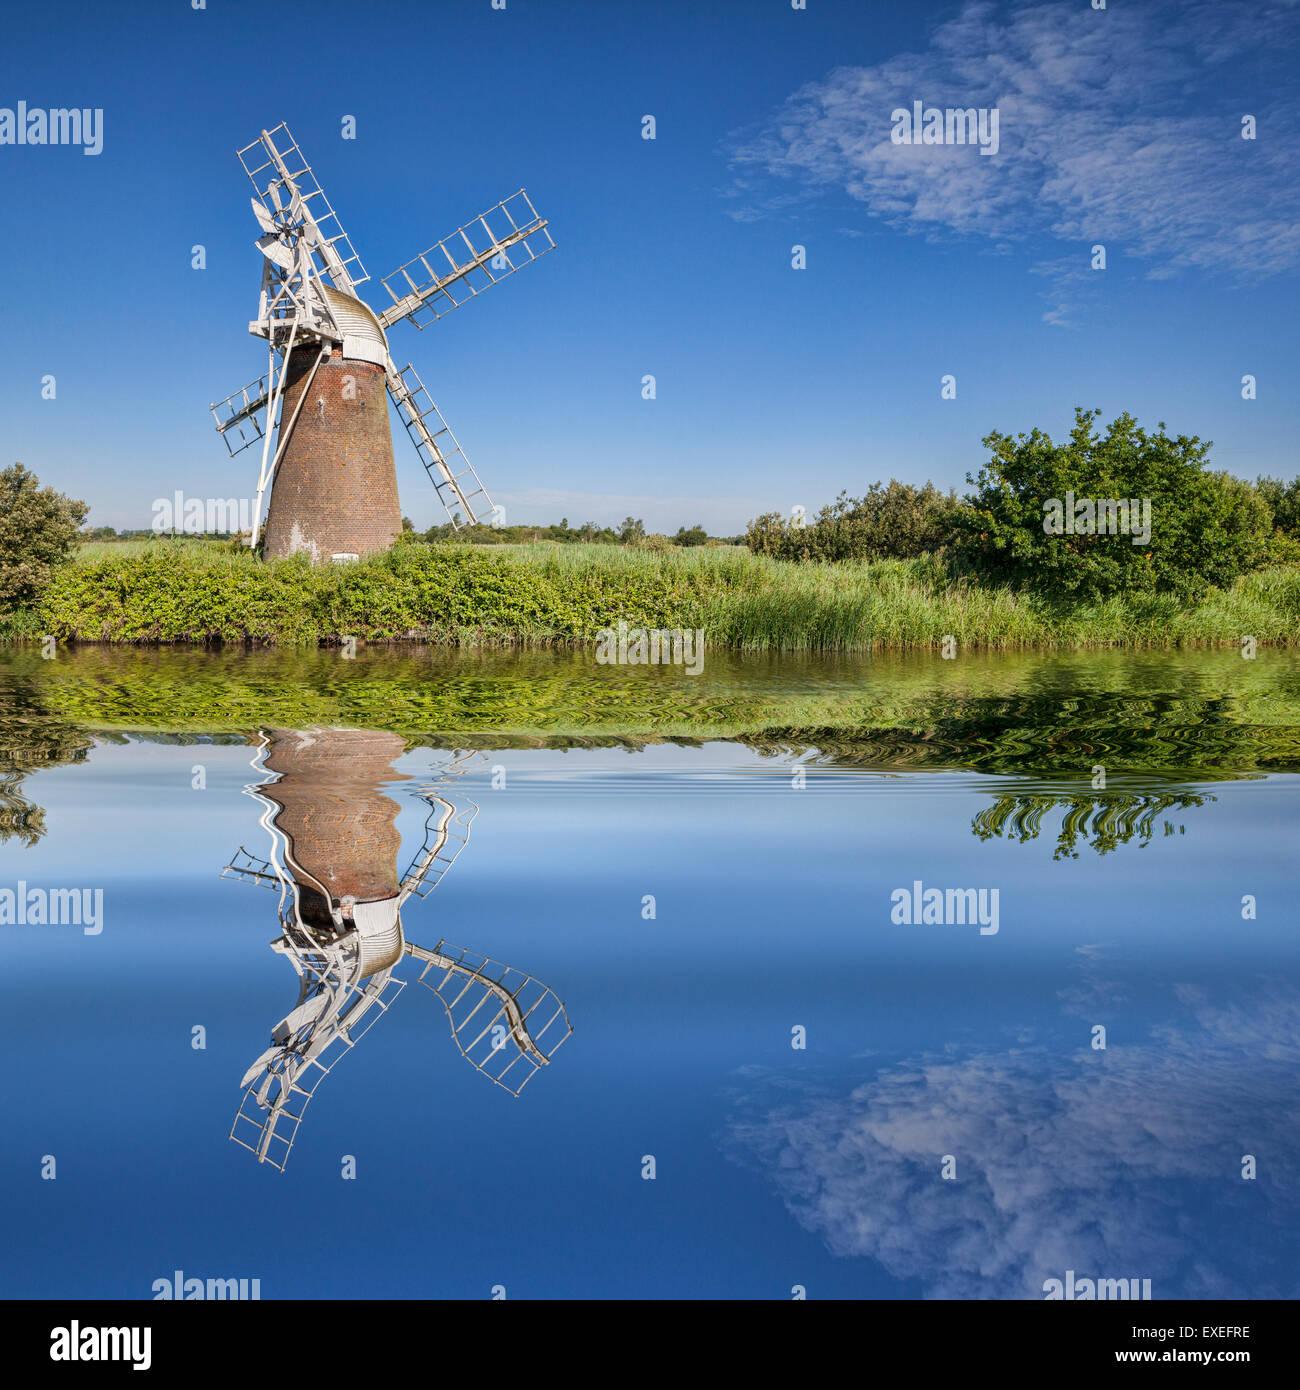 Turf Moor Winmill reflektieren im glatten Wasser des Norfolk Broads, Norfolk, England Stockbild